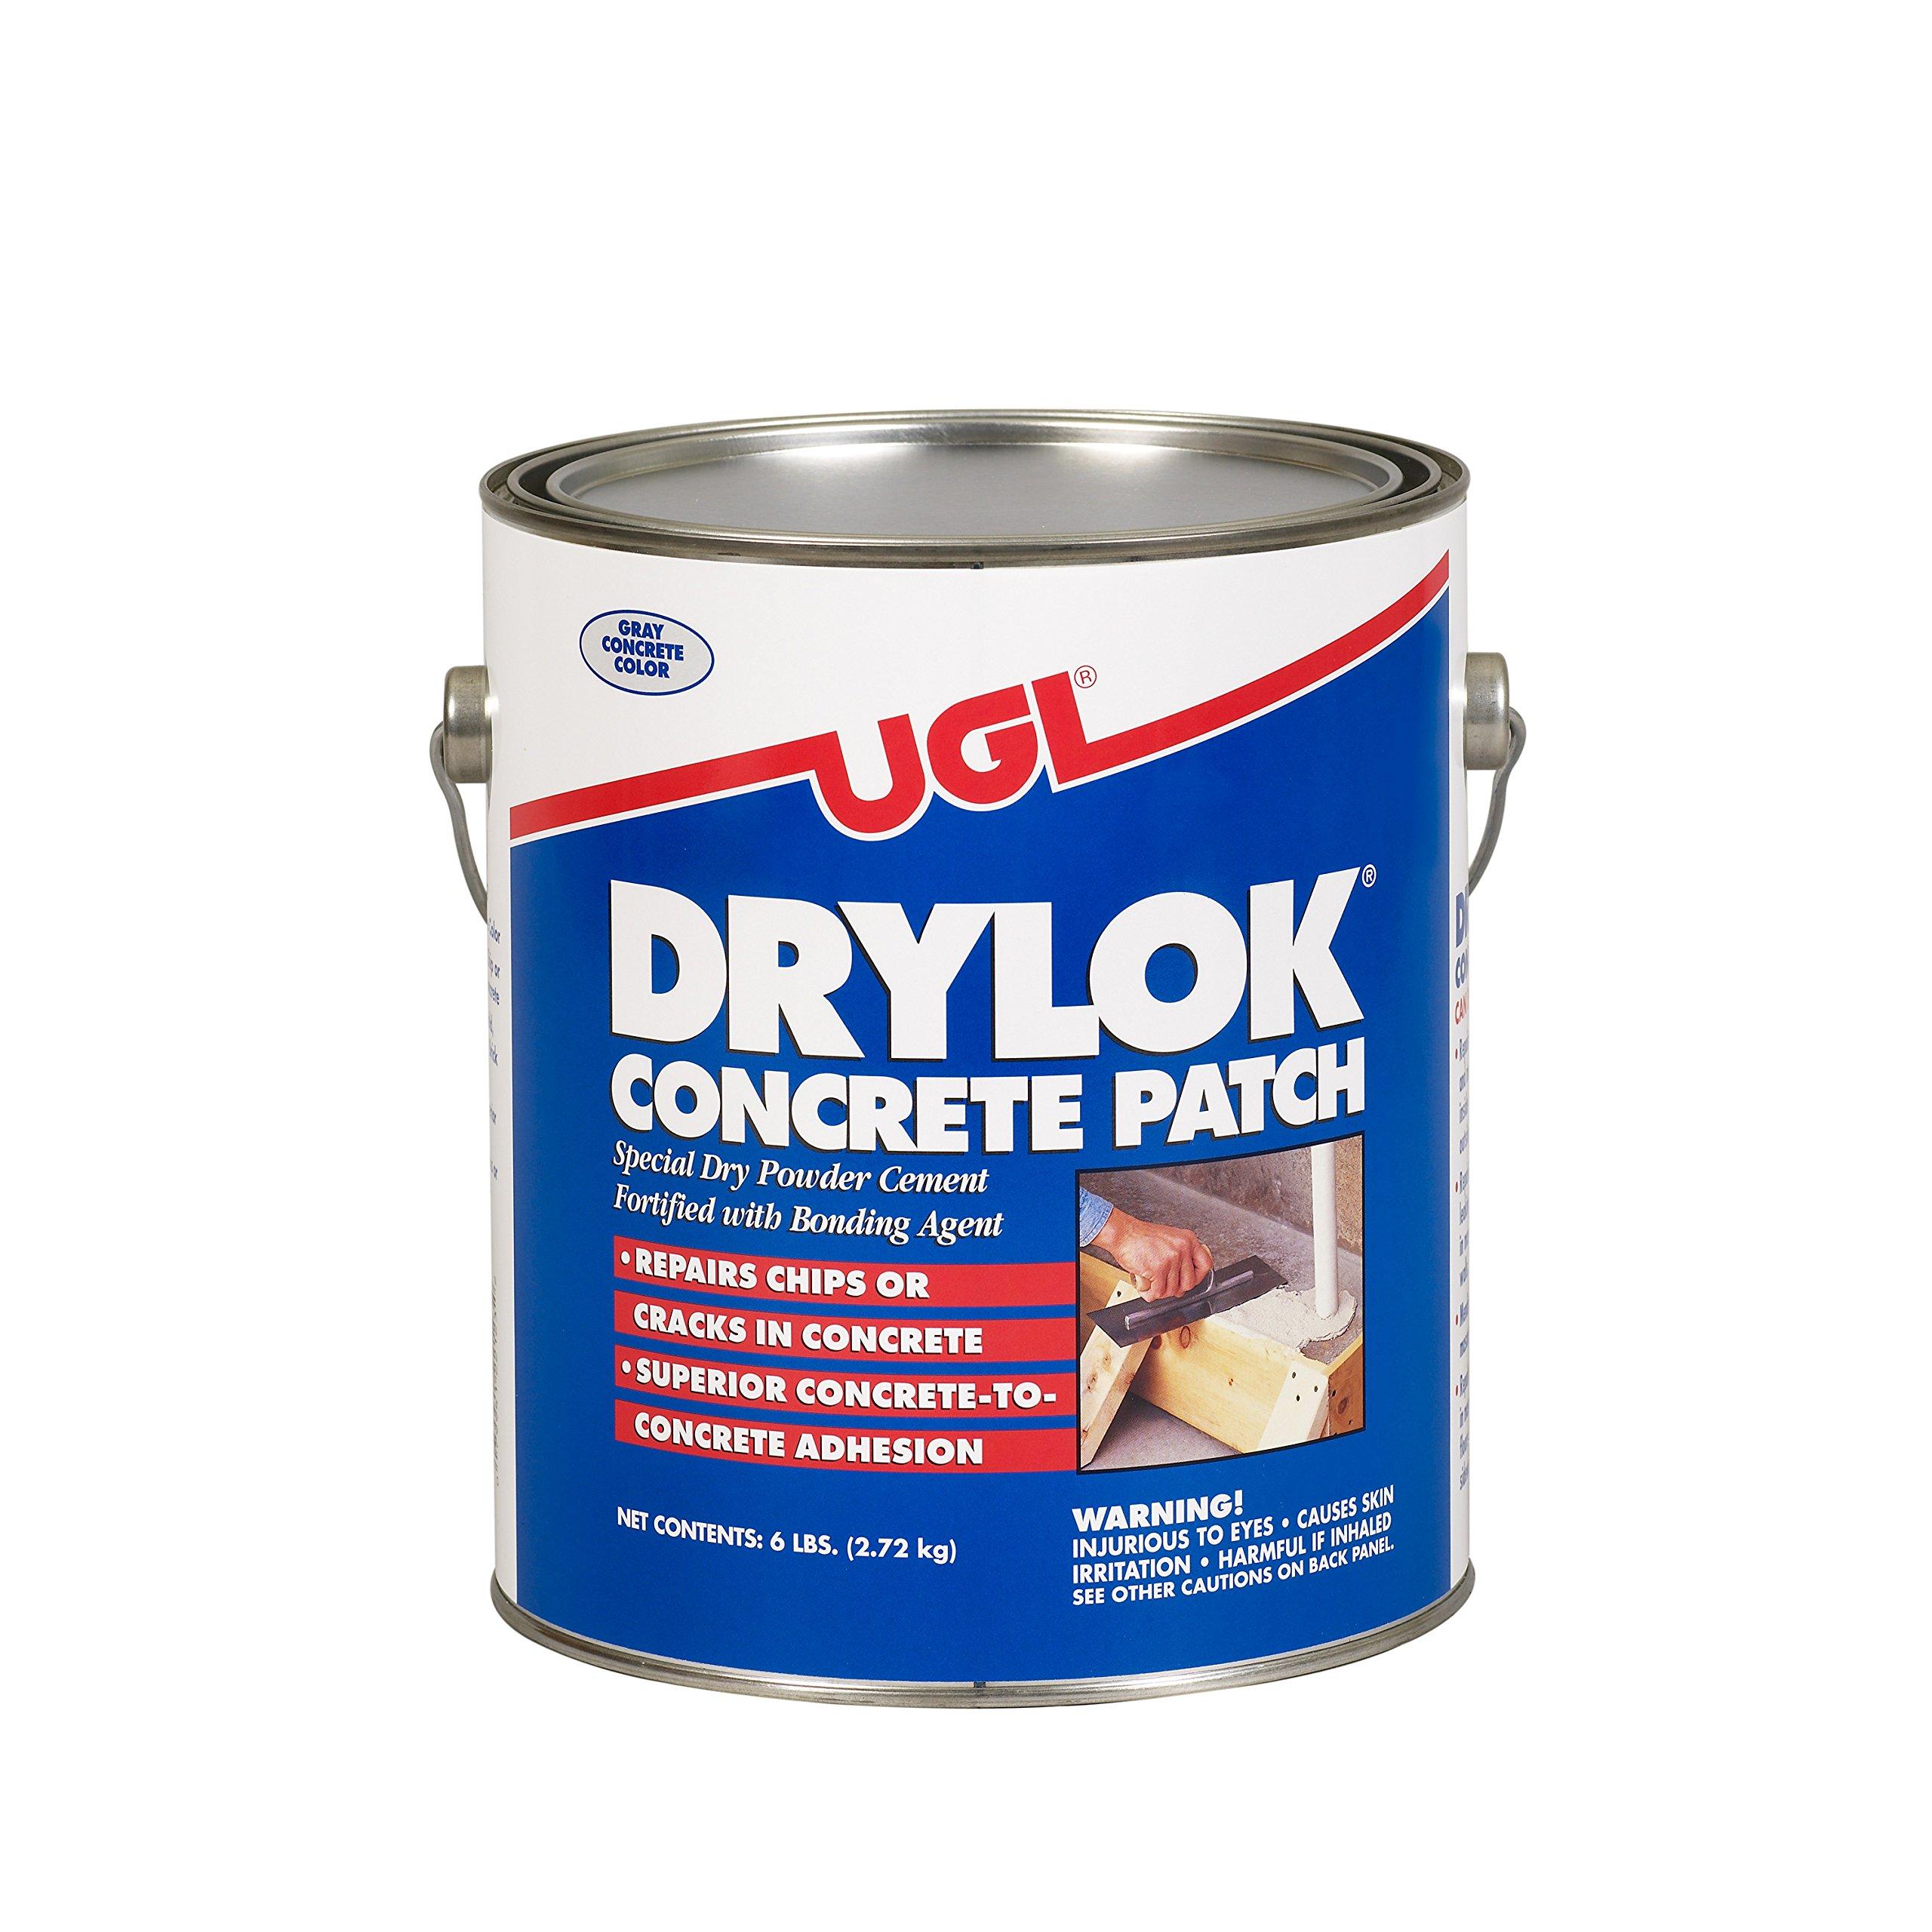 DRYLOK 22123 Concrete Patch, 6-Pound